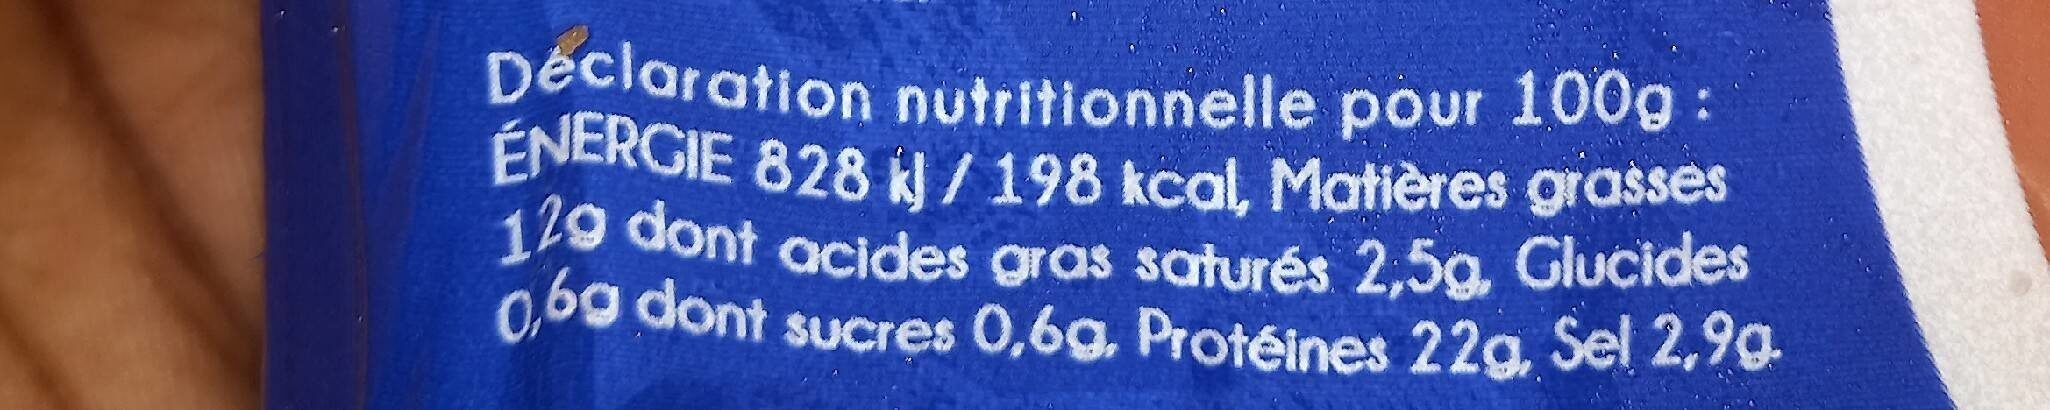 Saumon Fumé Fish Aven - Informations nutritionnelles - fr